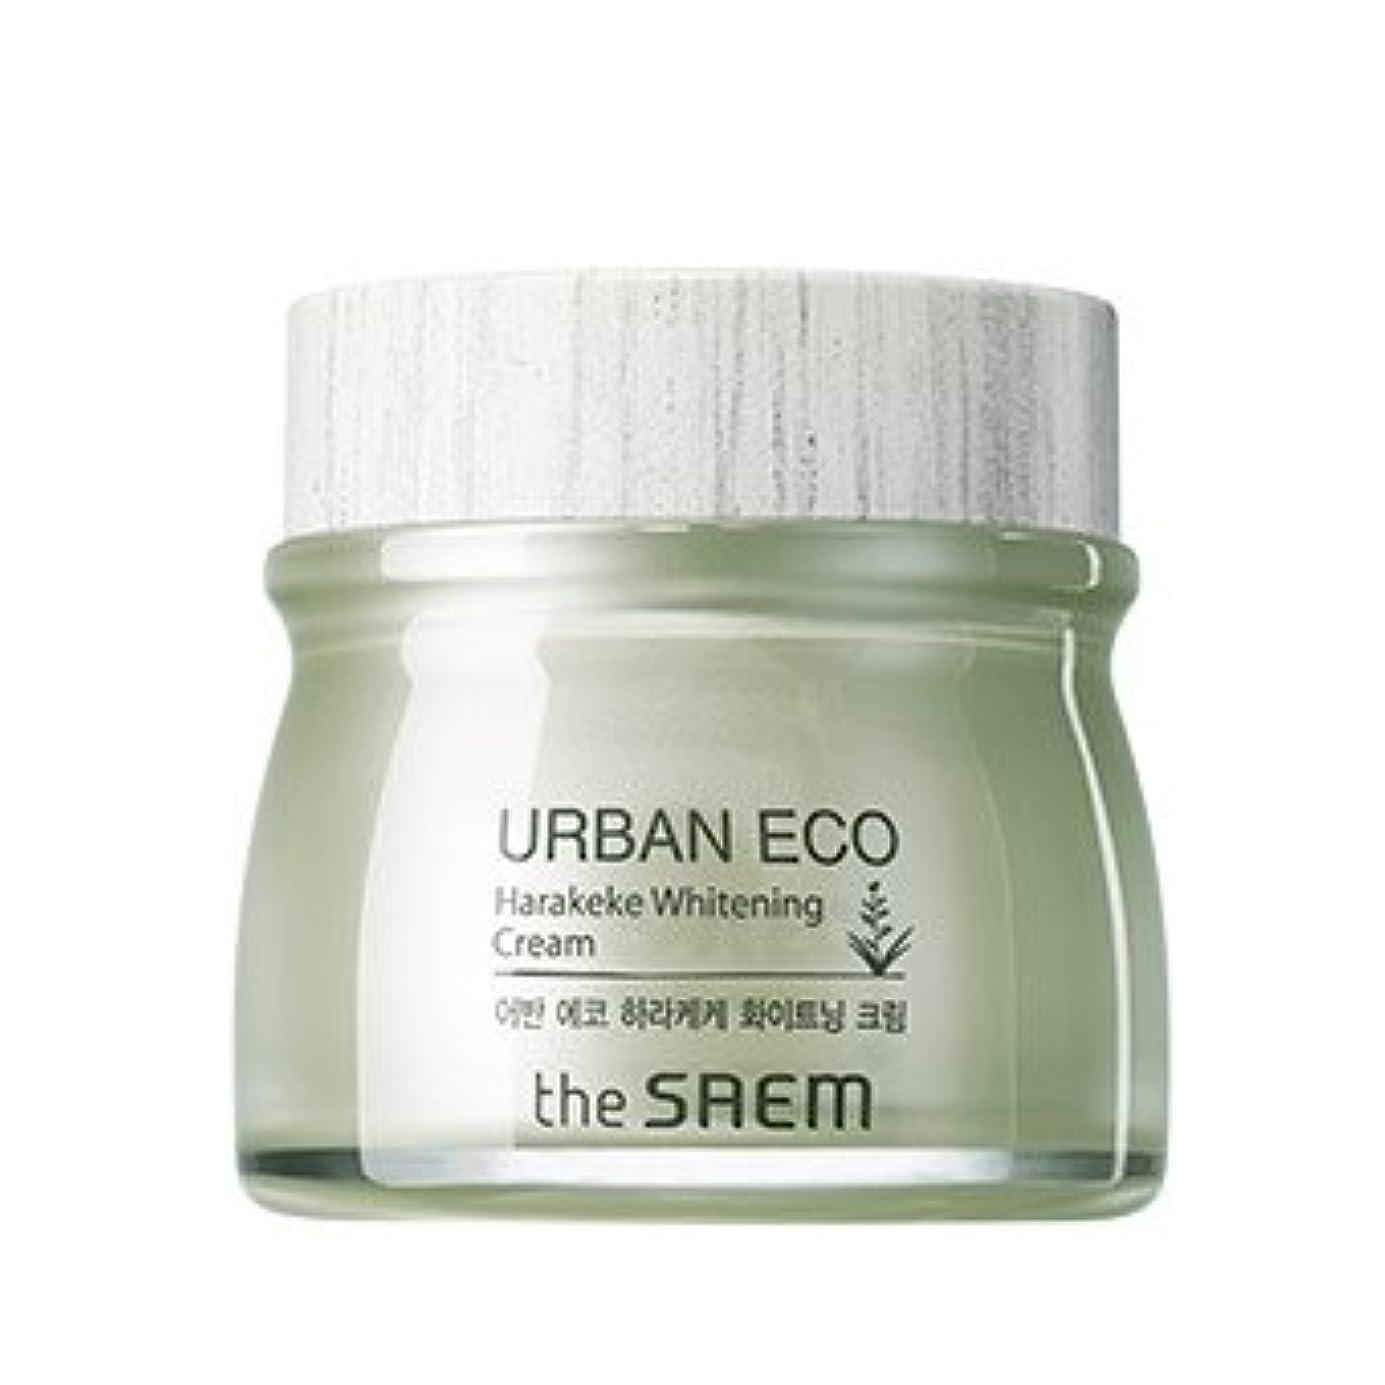 国欠乏価格the SAEM Urban Eco Harakeke Whitening Cream 60ml/ザセム アーバン エコ ハラケケ ホワイトニング クリーム 60ml